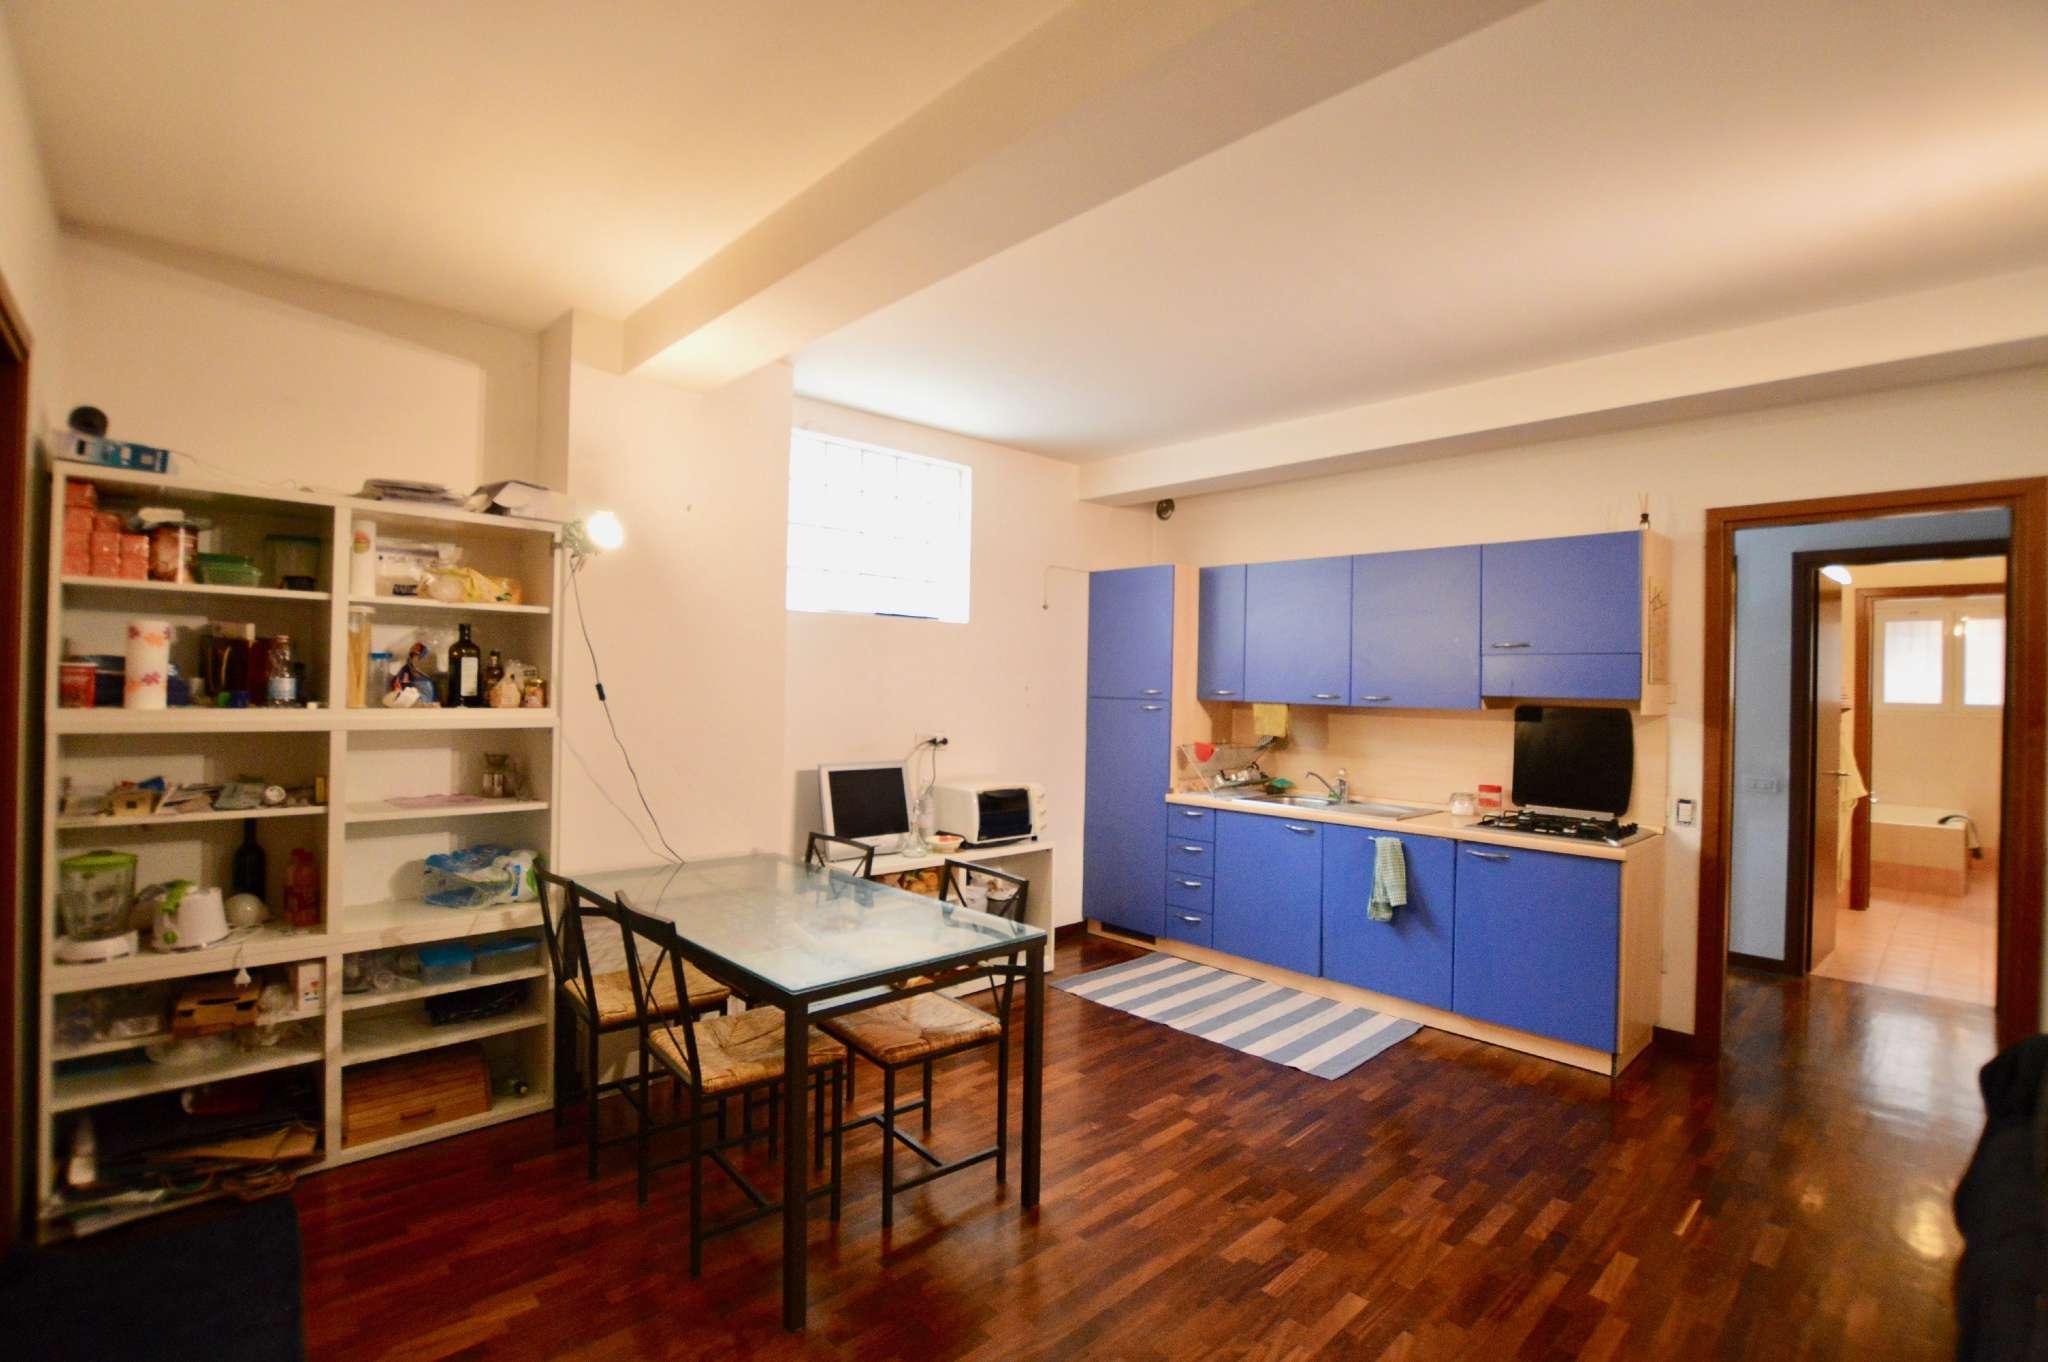 Appartamento in Vendita a Milano 07 Darsena /  Ticinese:  2 locali, 85 mq  - Foto 1